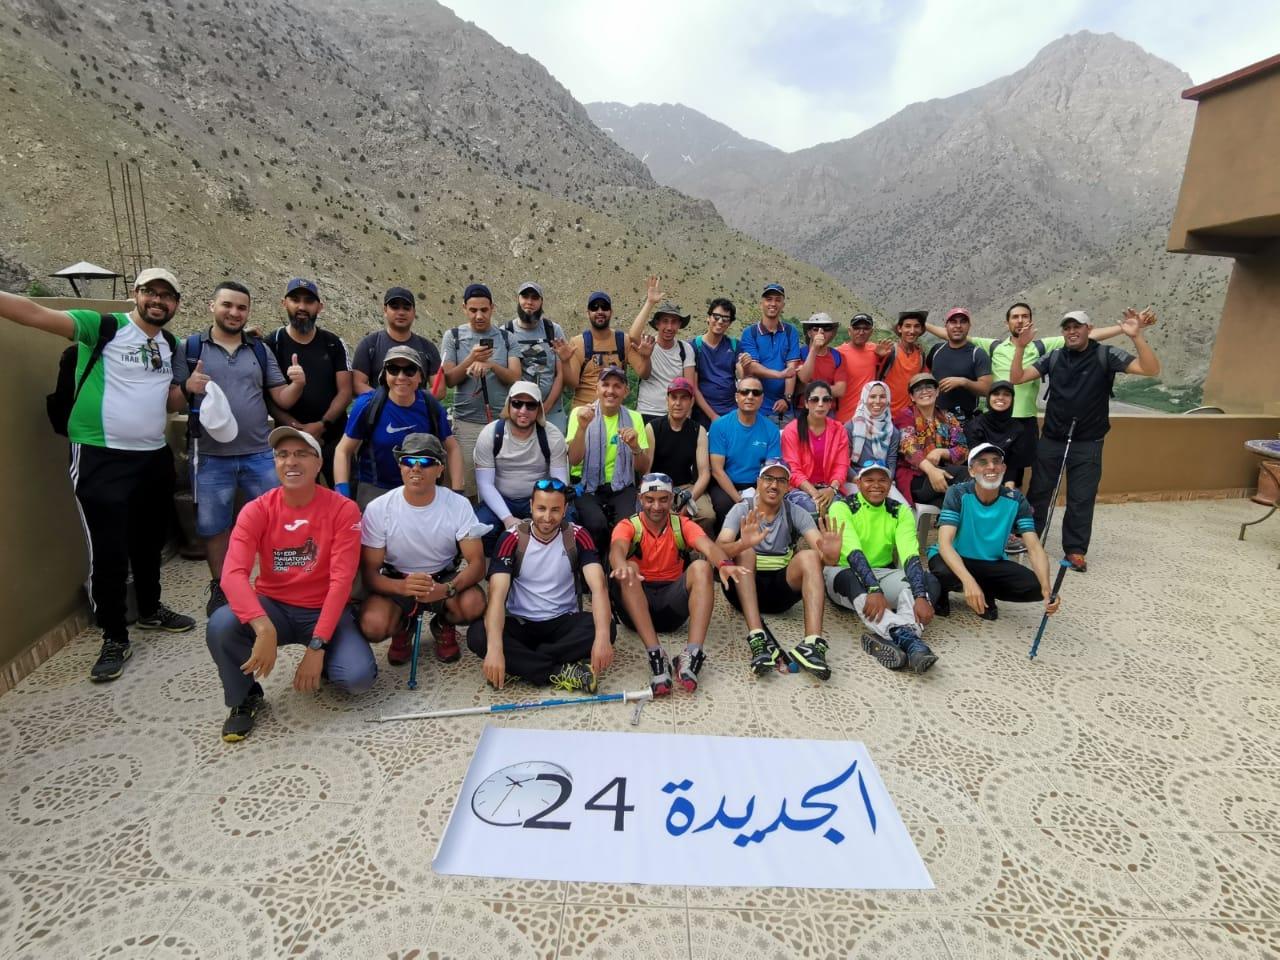 جمعية ''مزاغان ماراطون'' تتحدى قمة توبقال في رحلة لدعم السياحة الجبلية